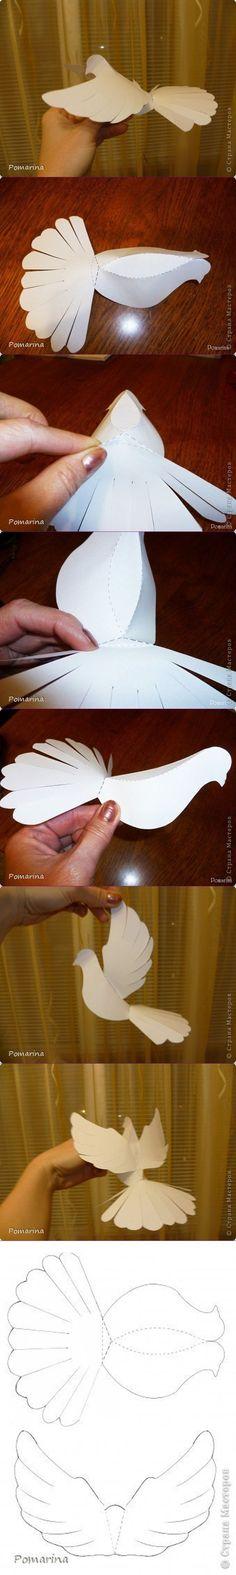 paper dove tutorial: